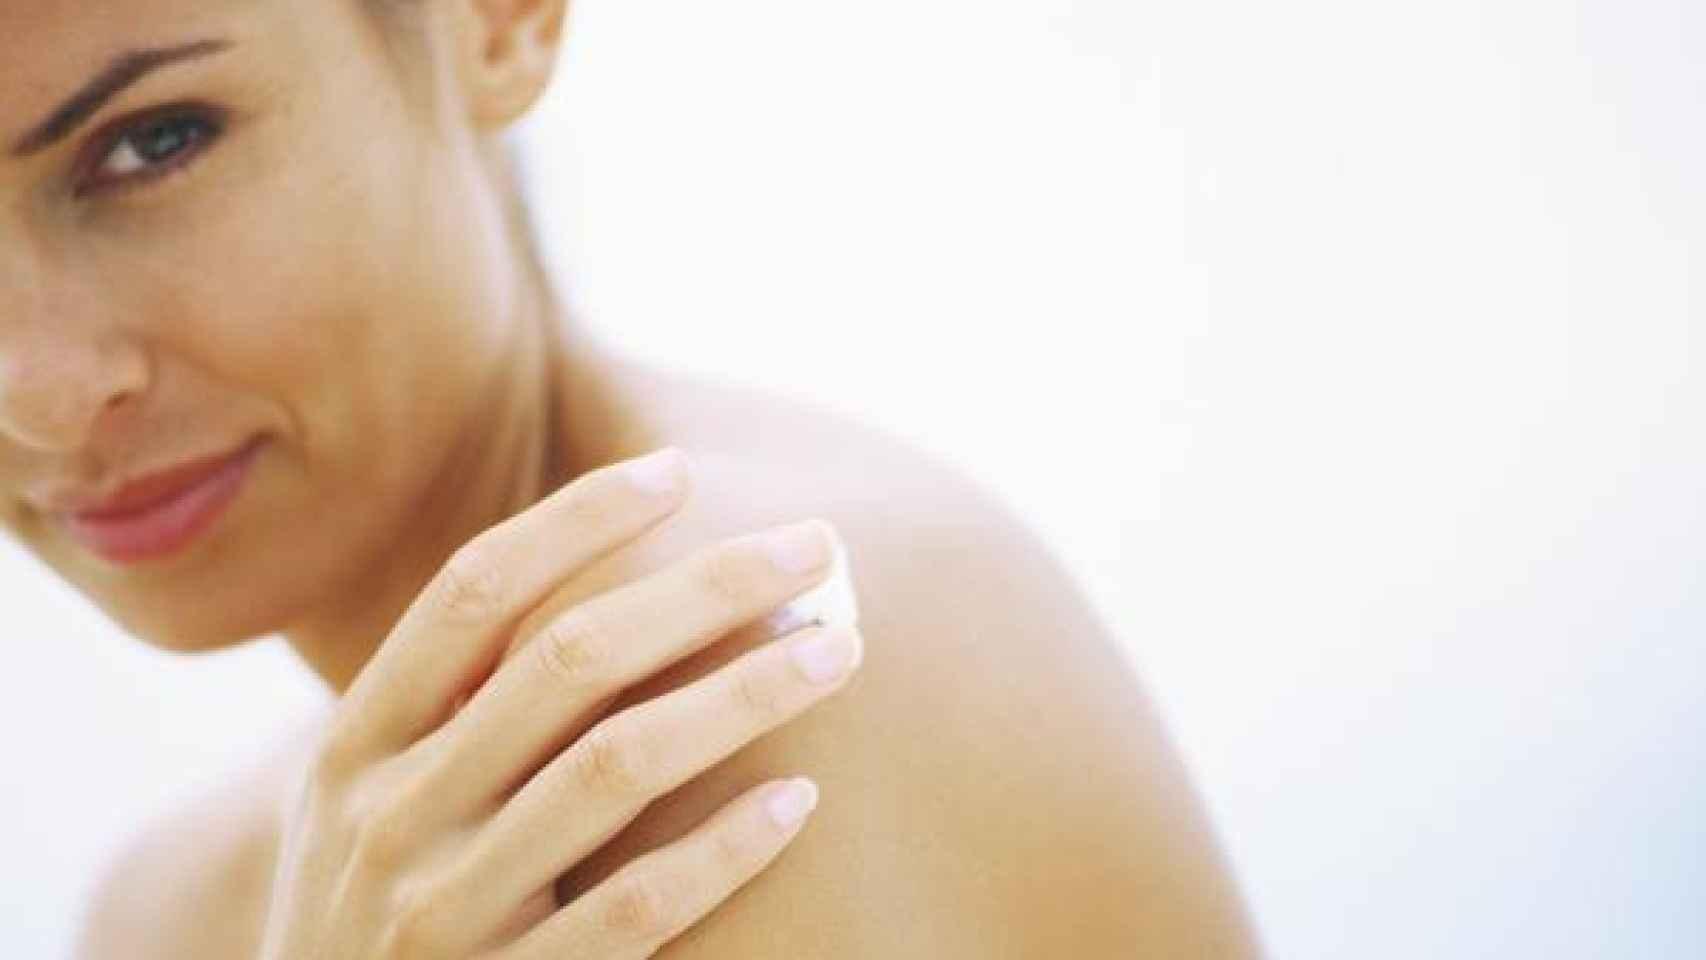 Las pieles sensibles son aquellas que reaccionan de manera exagerada ante un estímulo que normalmente en una piel normal no tendría ningún efecto.